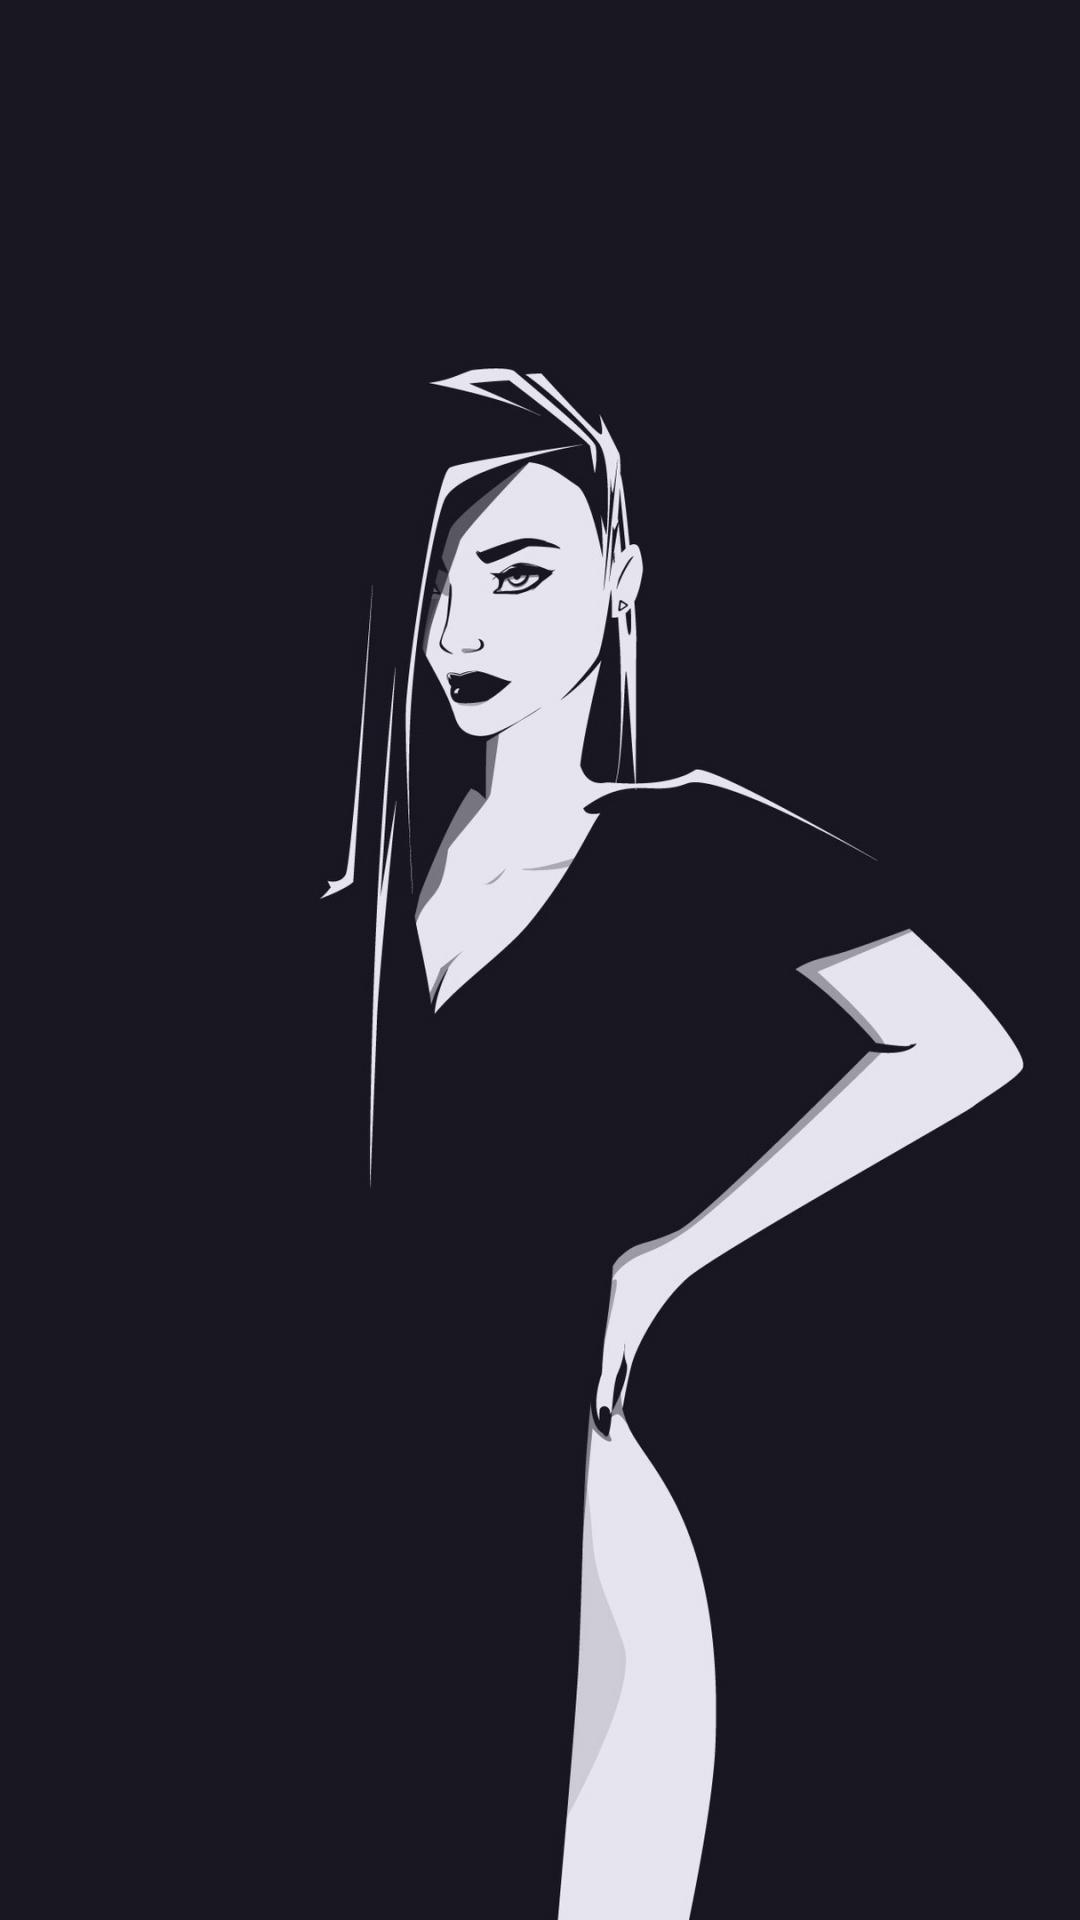 Minimal, urban woman, art, 1080x1920 wallpaper